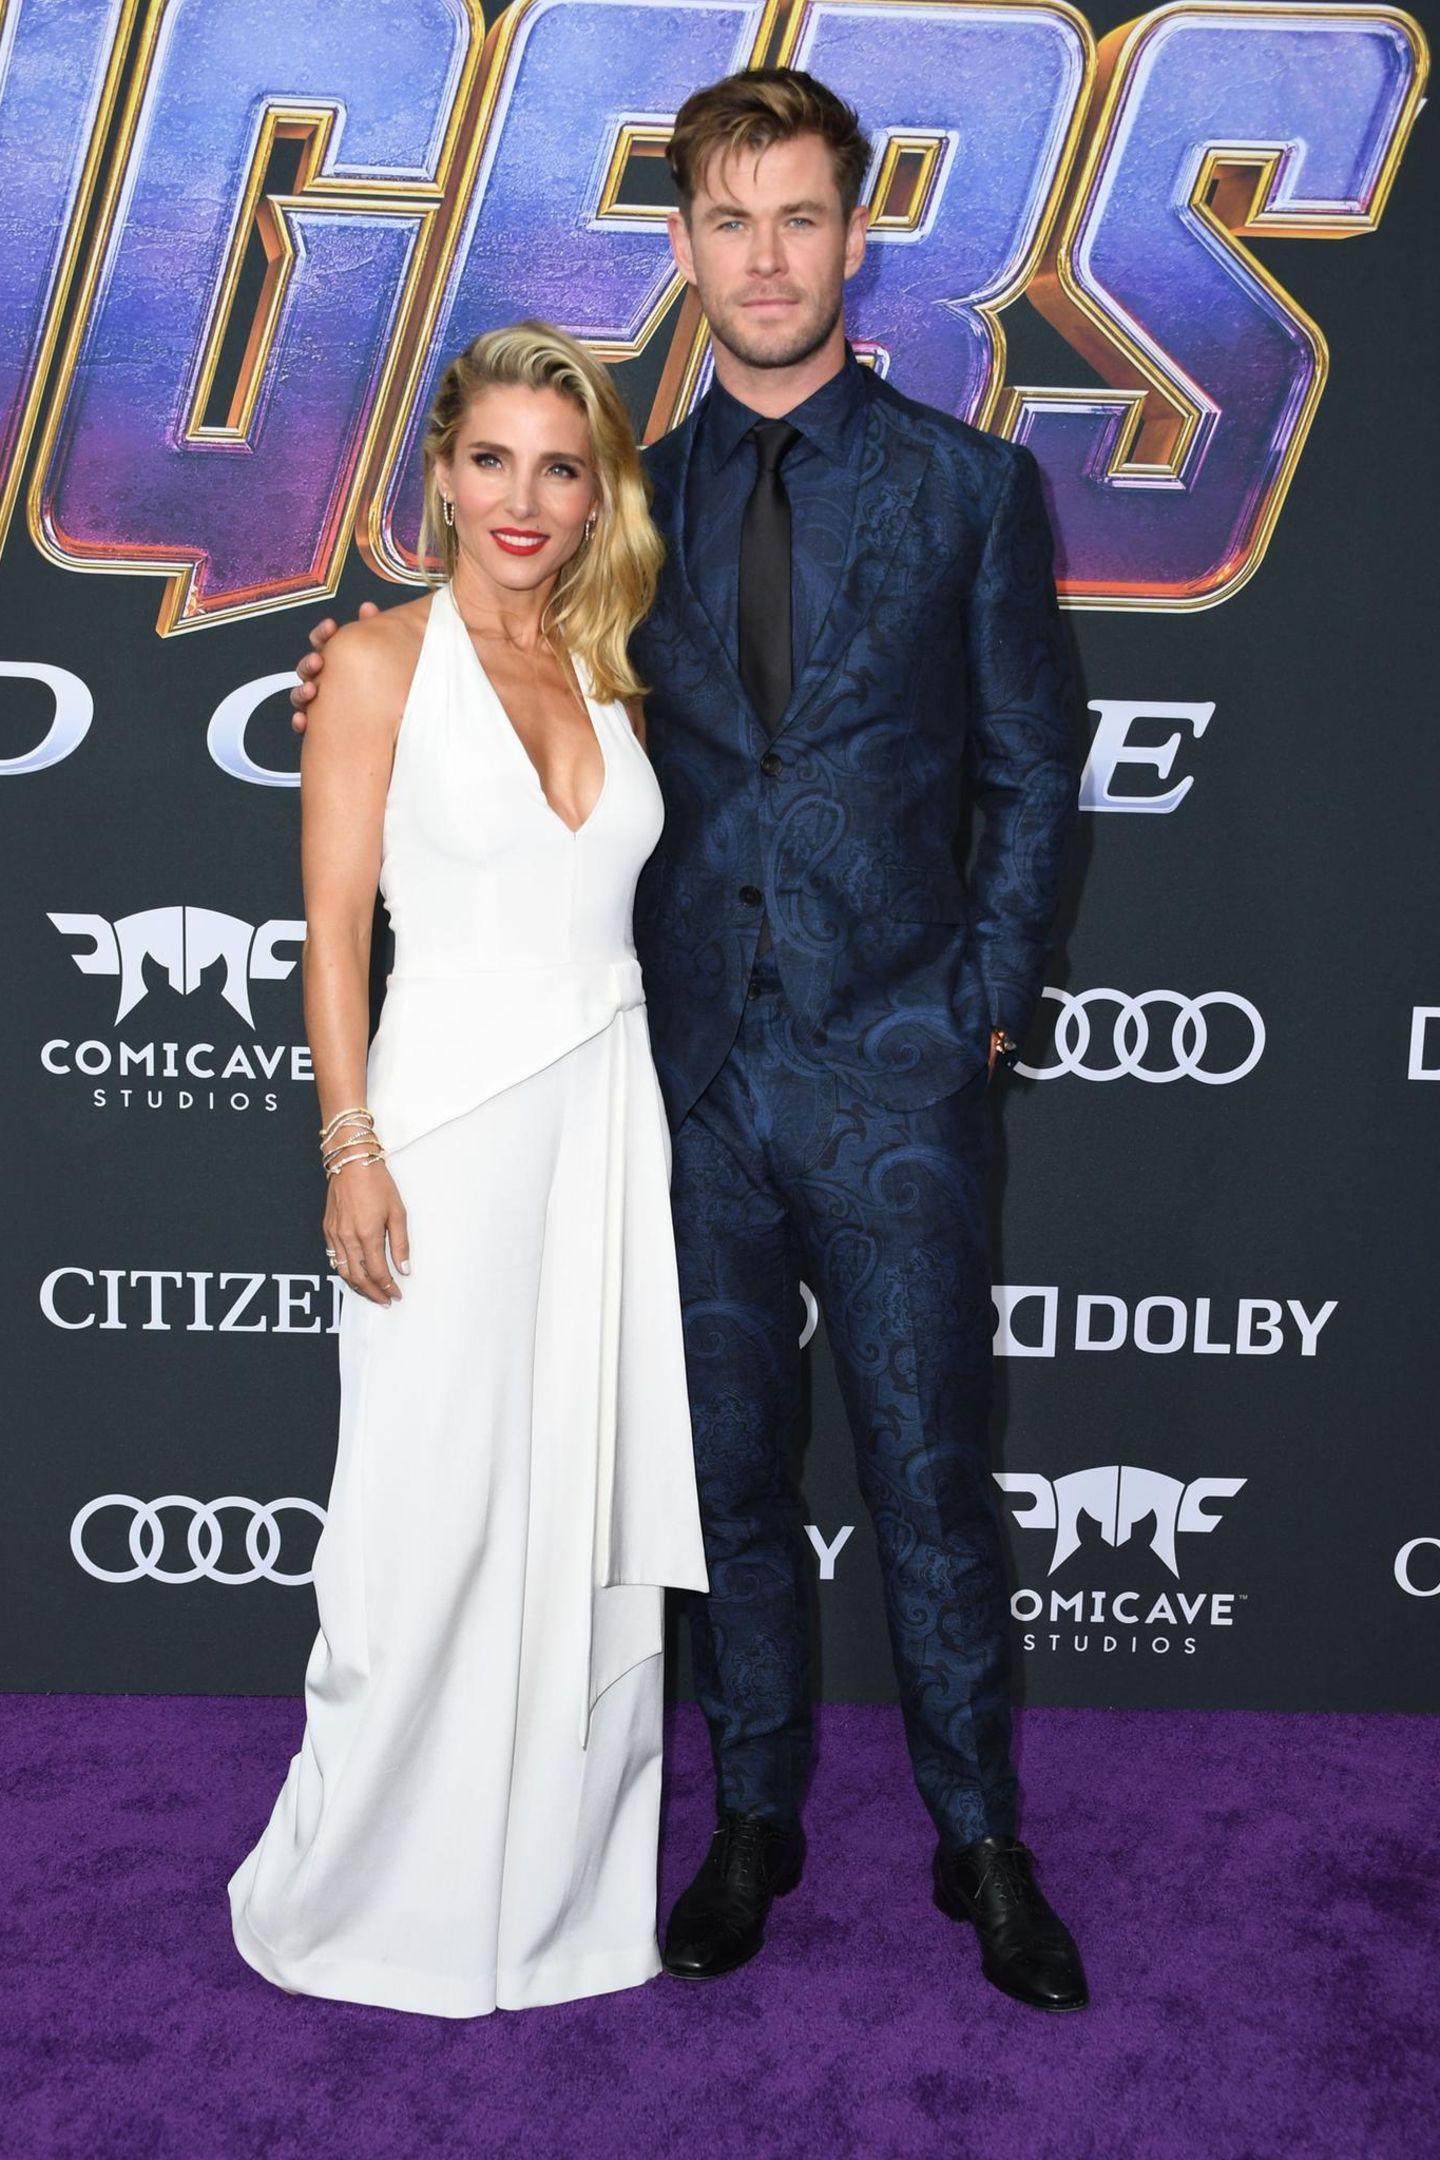 24. April 2019  Chris Hemsworth und Elsa Pataky haben gerade einmal drei Monate nachdem sie sich kennengelernt geheiratet.Doch es scheint die richtige Entscheidung gewesen zu sein: Im Hafen der Ehe ist das Schauspiel-Paar bereits seit neun Jahren.